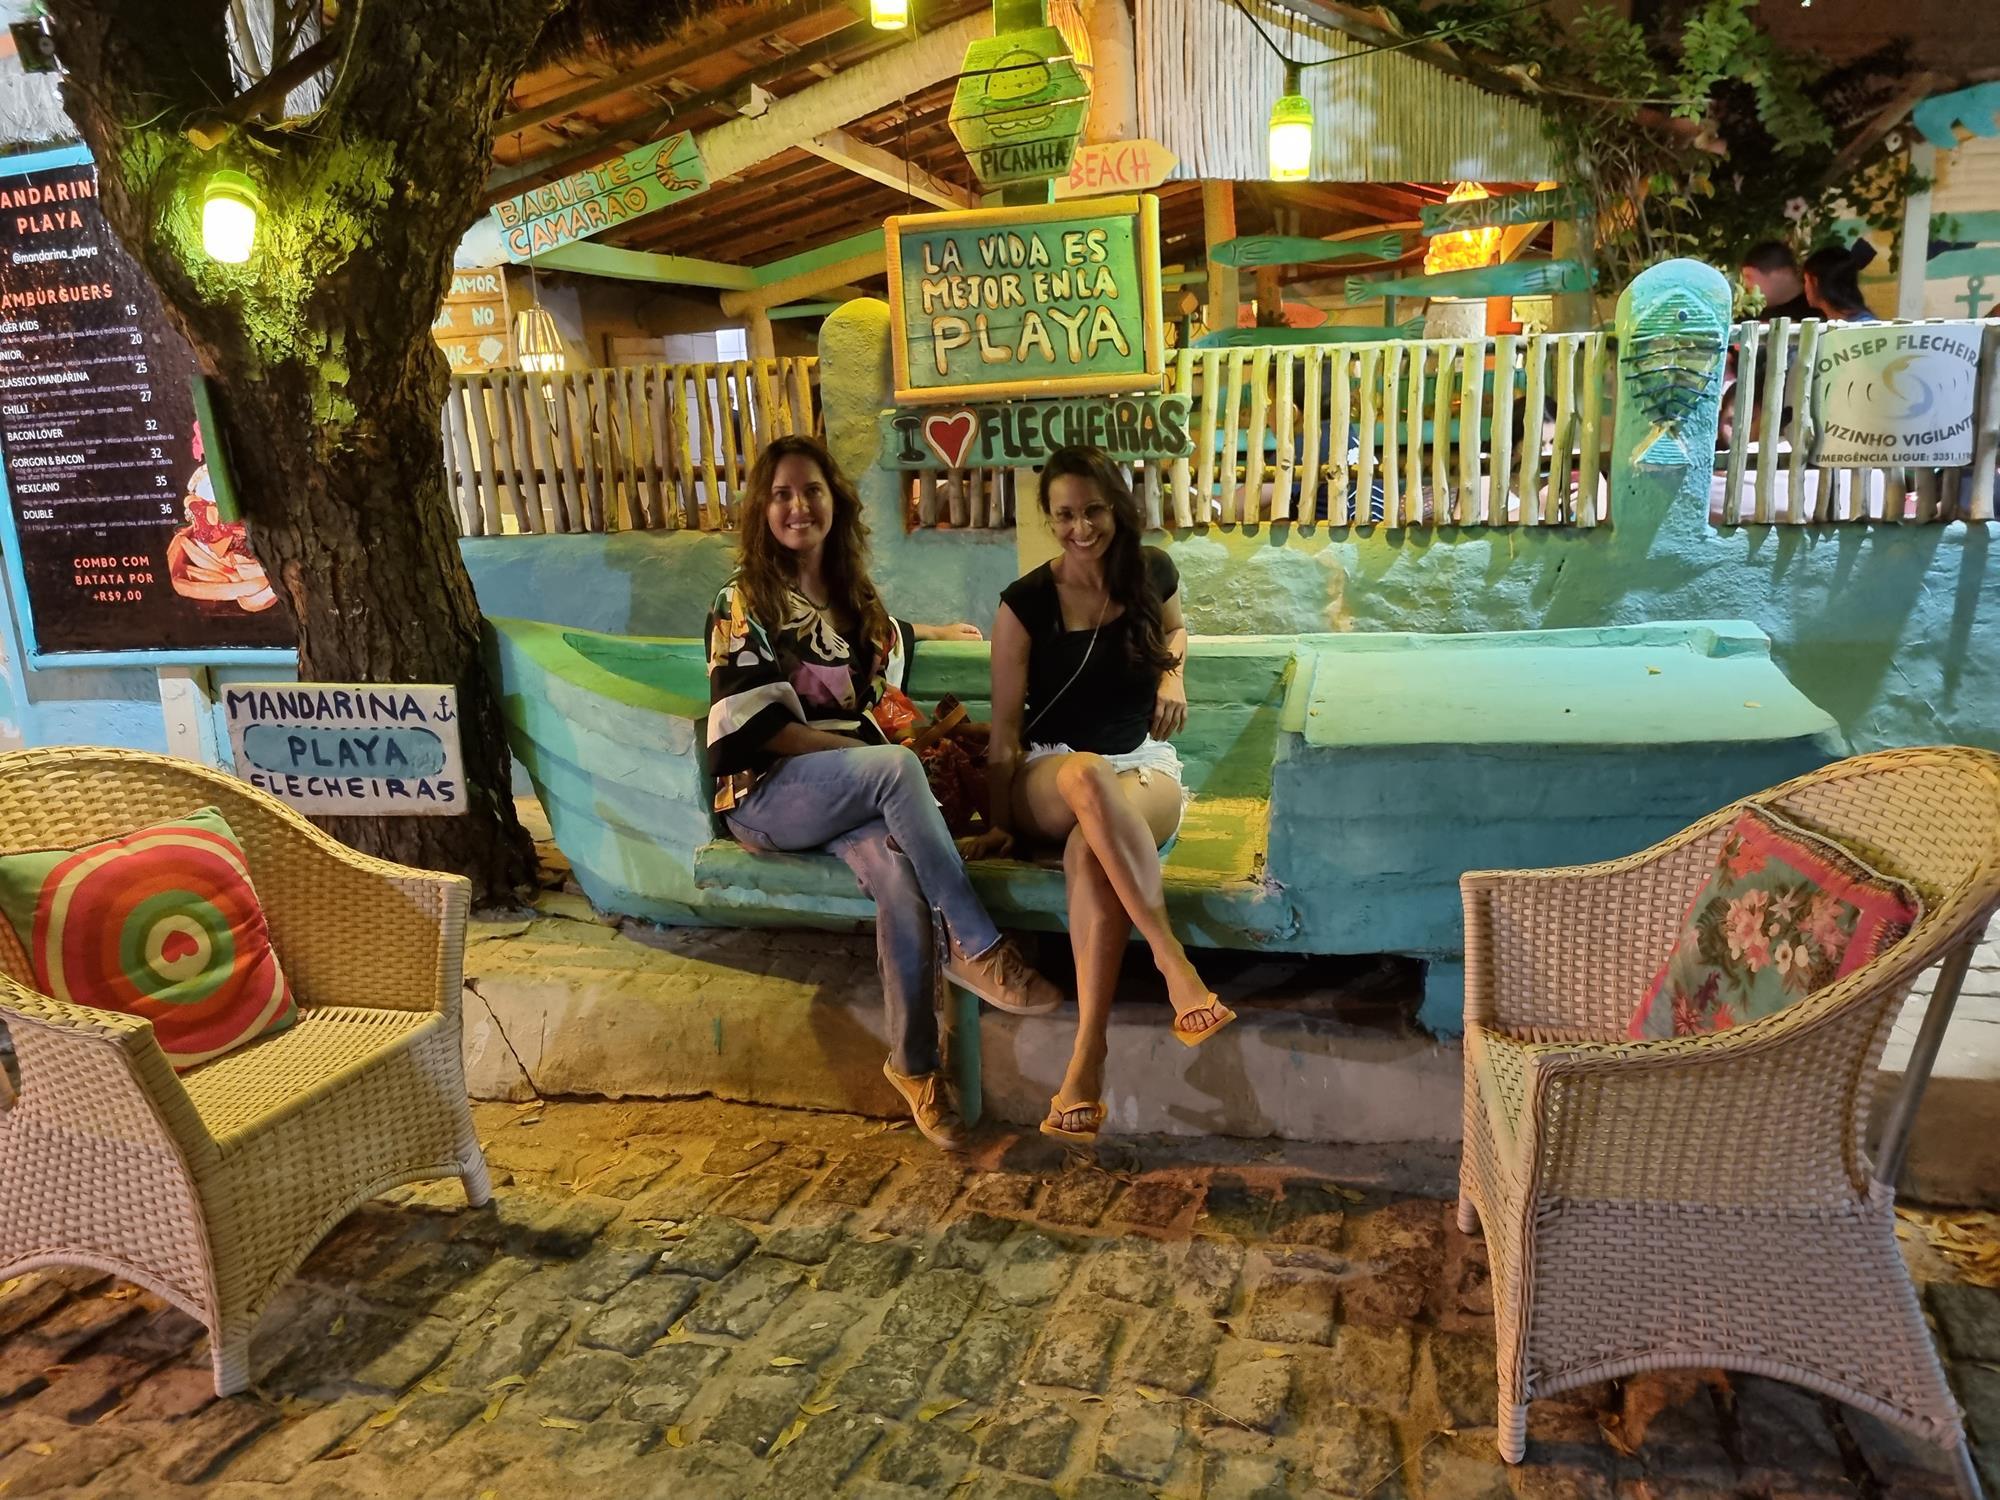 Mandarina Playa Flecheiras